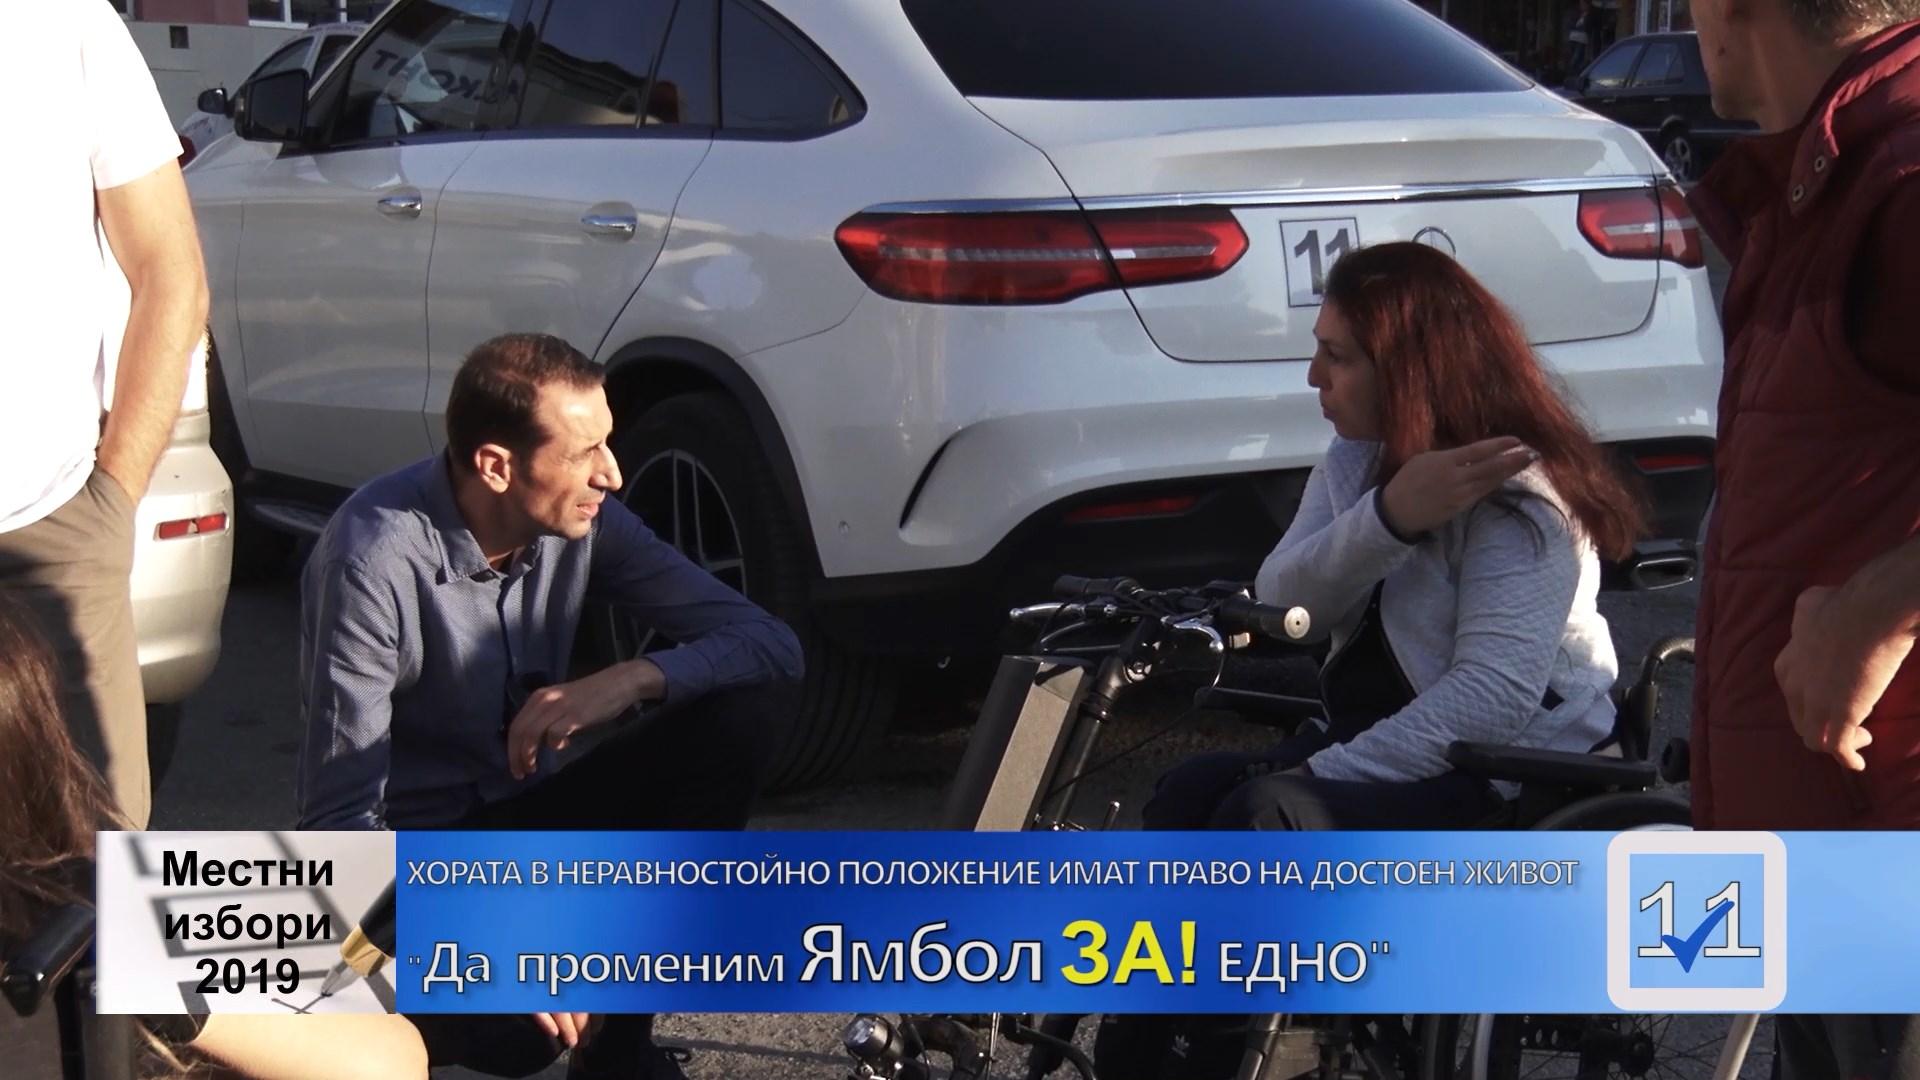 """МЕСТНИ ИЗБОРИ 2019:    В.Ревански:"""" Хората в неравностойно положение имат право на достоен живот!"""""""